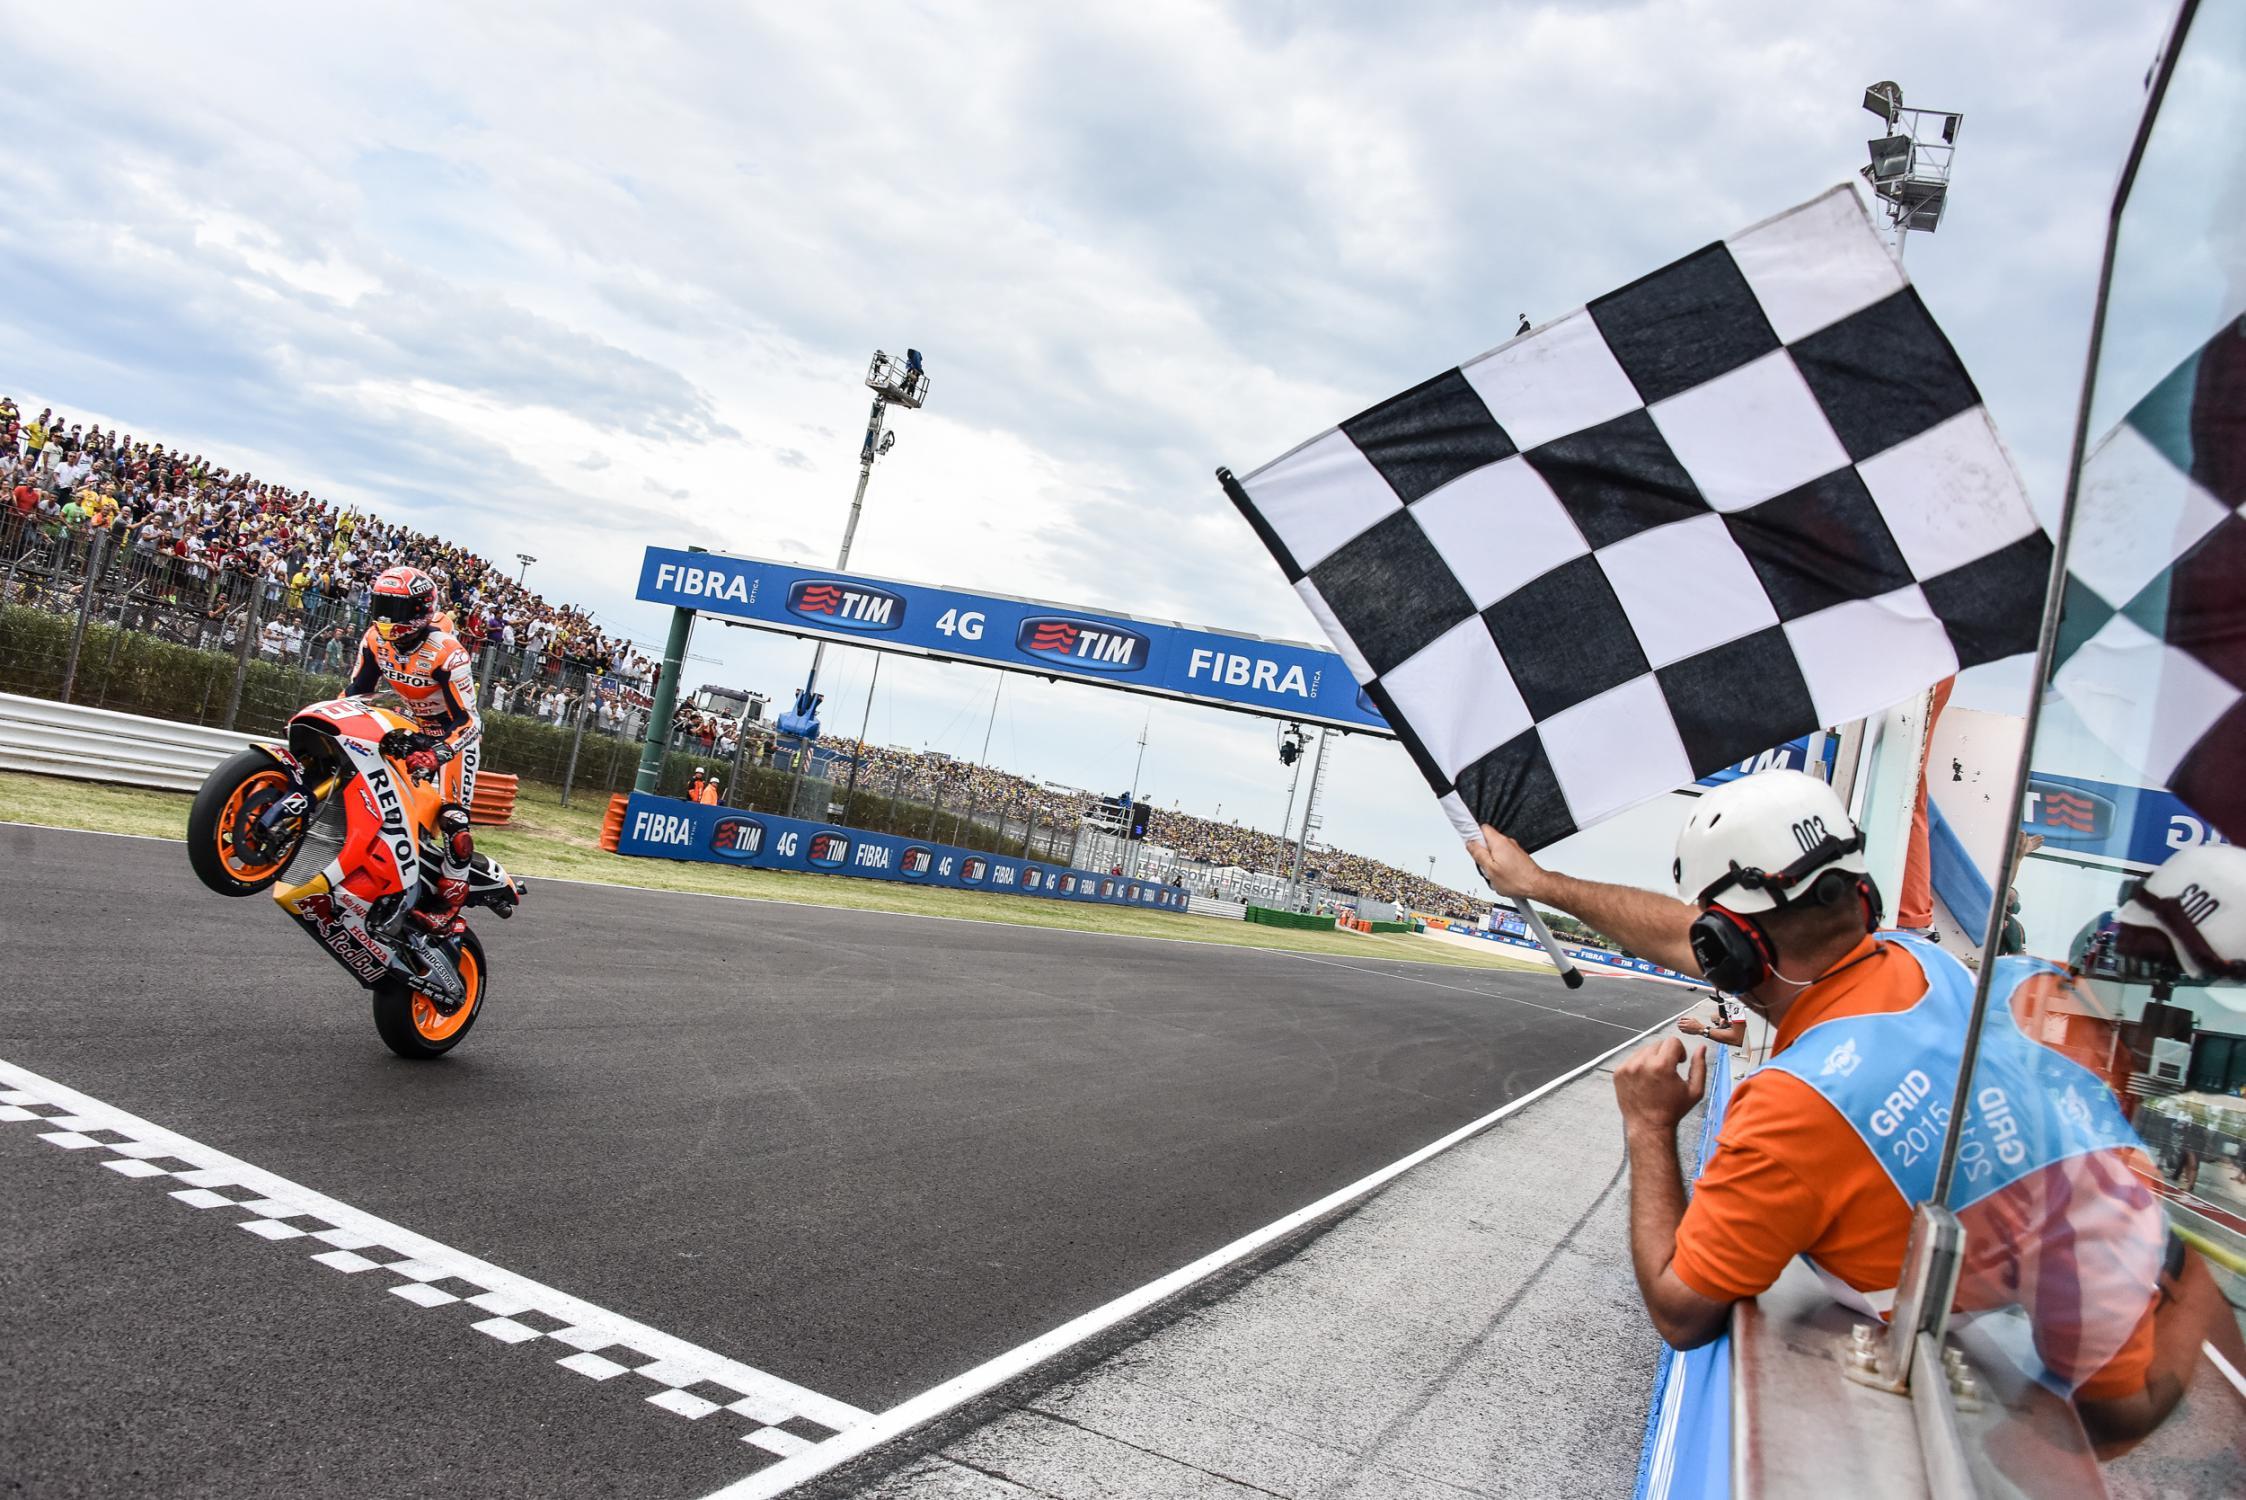 Victoire de Marc Marquez